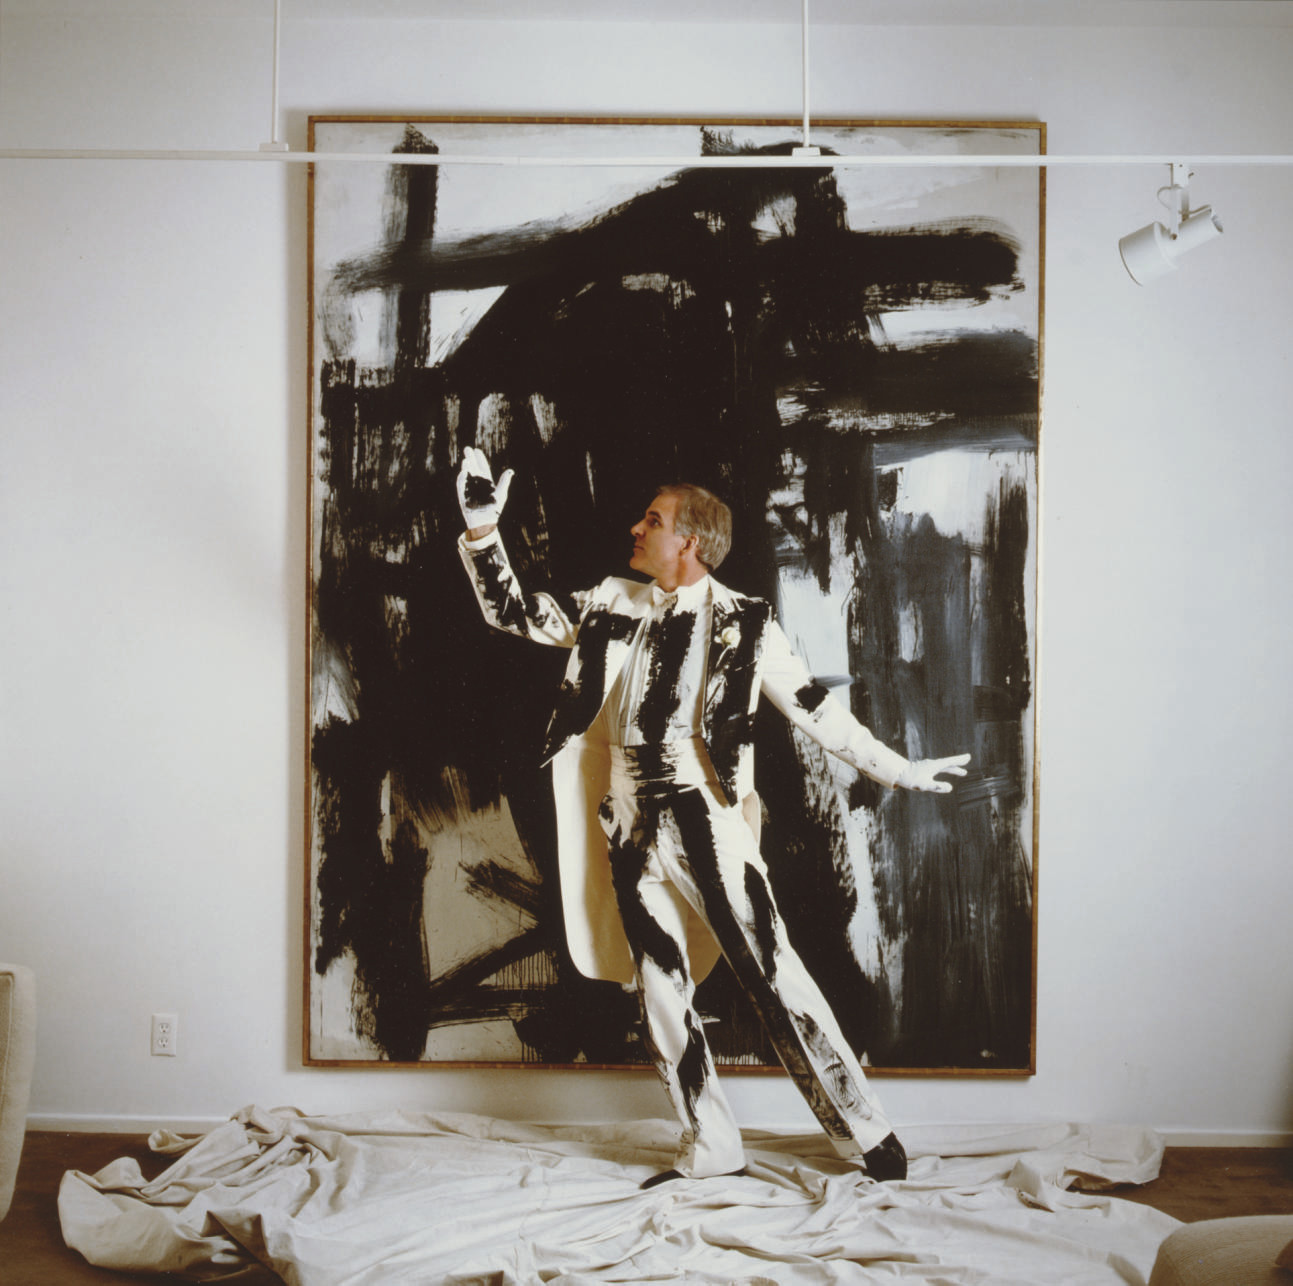 Steve Martin, Beverly Hills, California, 1981